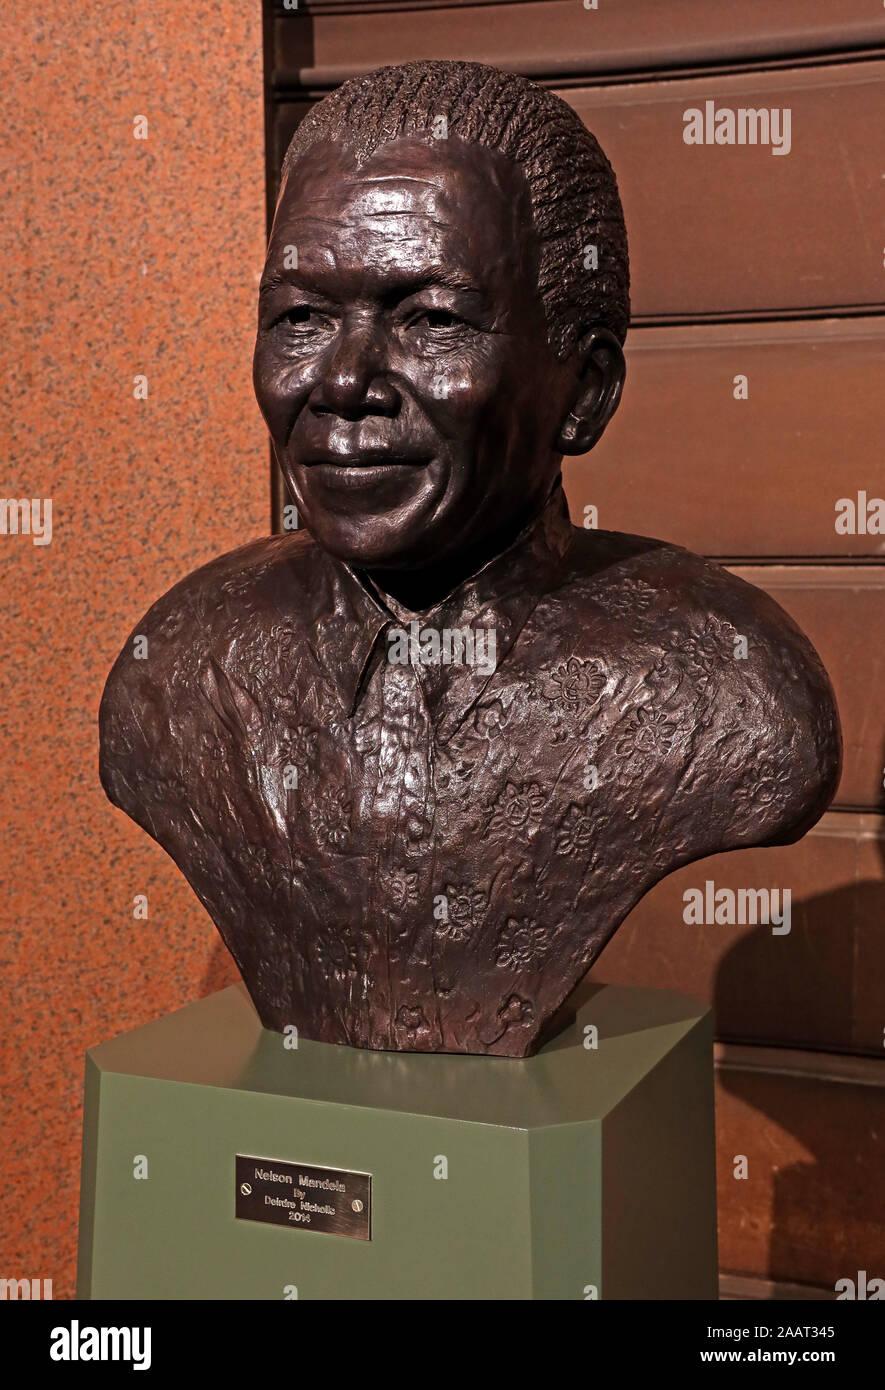 Dieses Stockfoto: Nelson Mandela Statue, Glasgow City Chambers Eingang, von Deirdre Nicholls, 2014 - 2AAT34